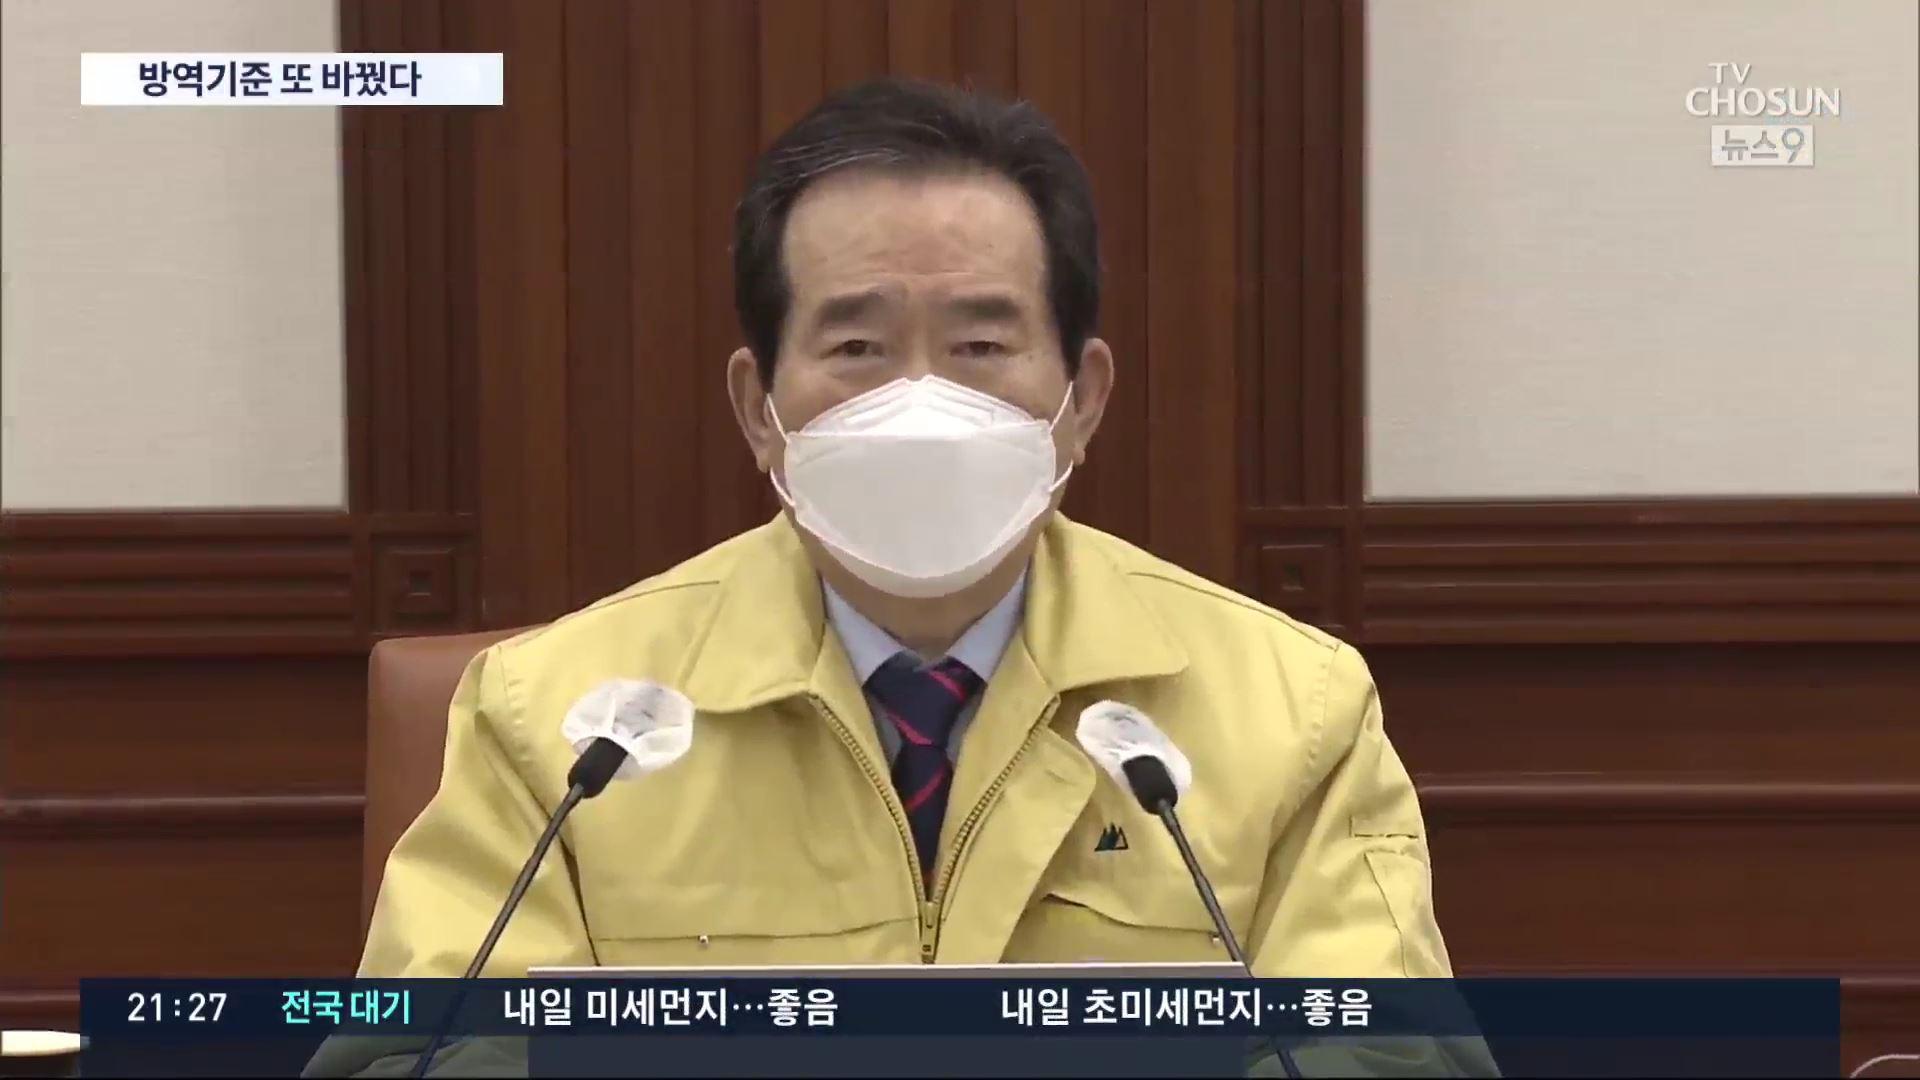 '교습 조건' 모든 실내체육시설 영업 허용…헬스장 '국민 우롱'